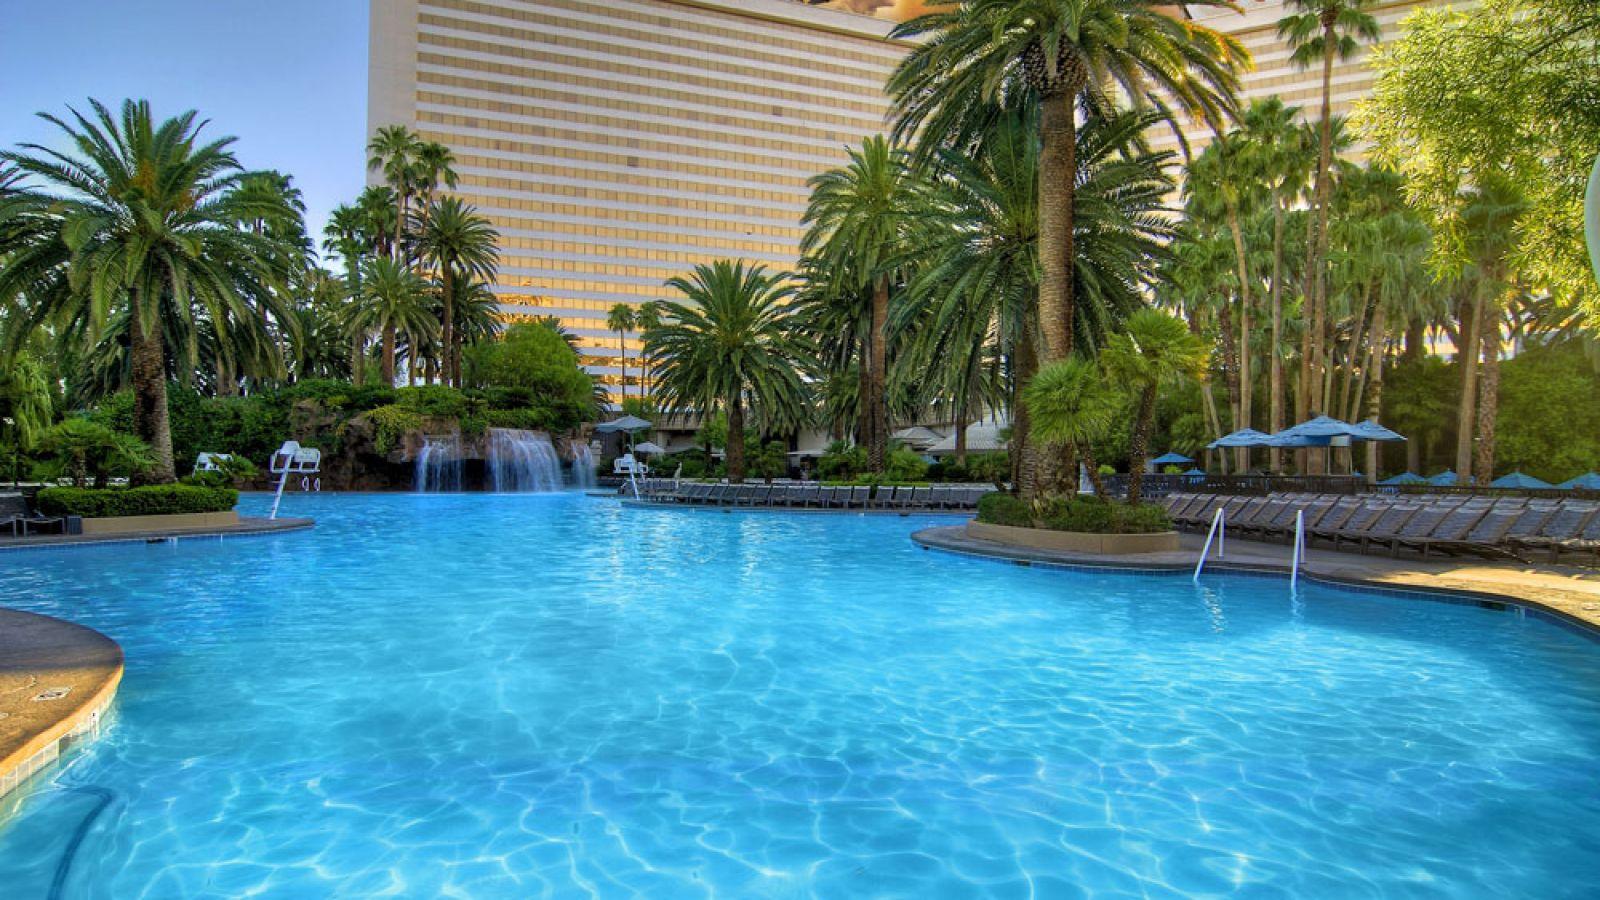 Mirage - Las Vegas glf packages